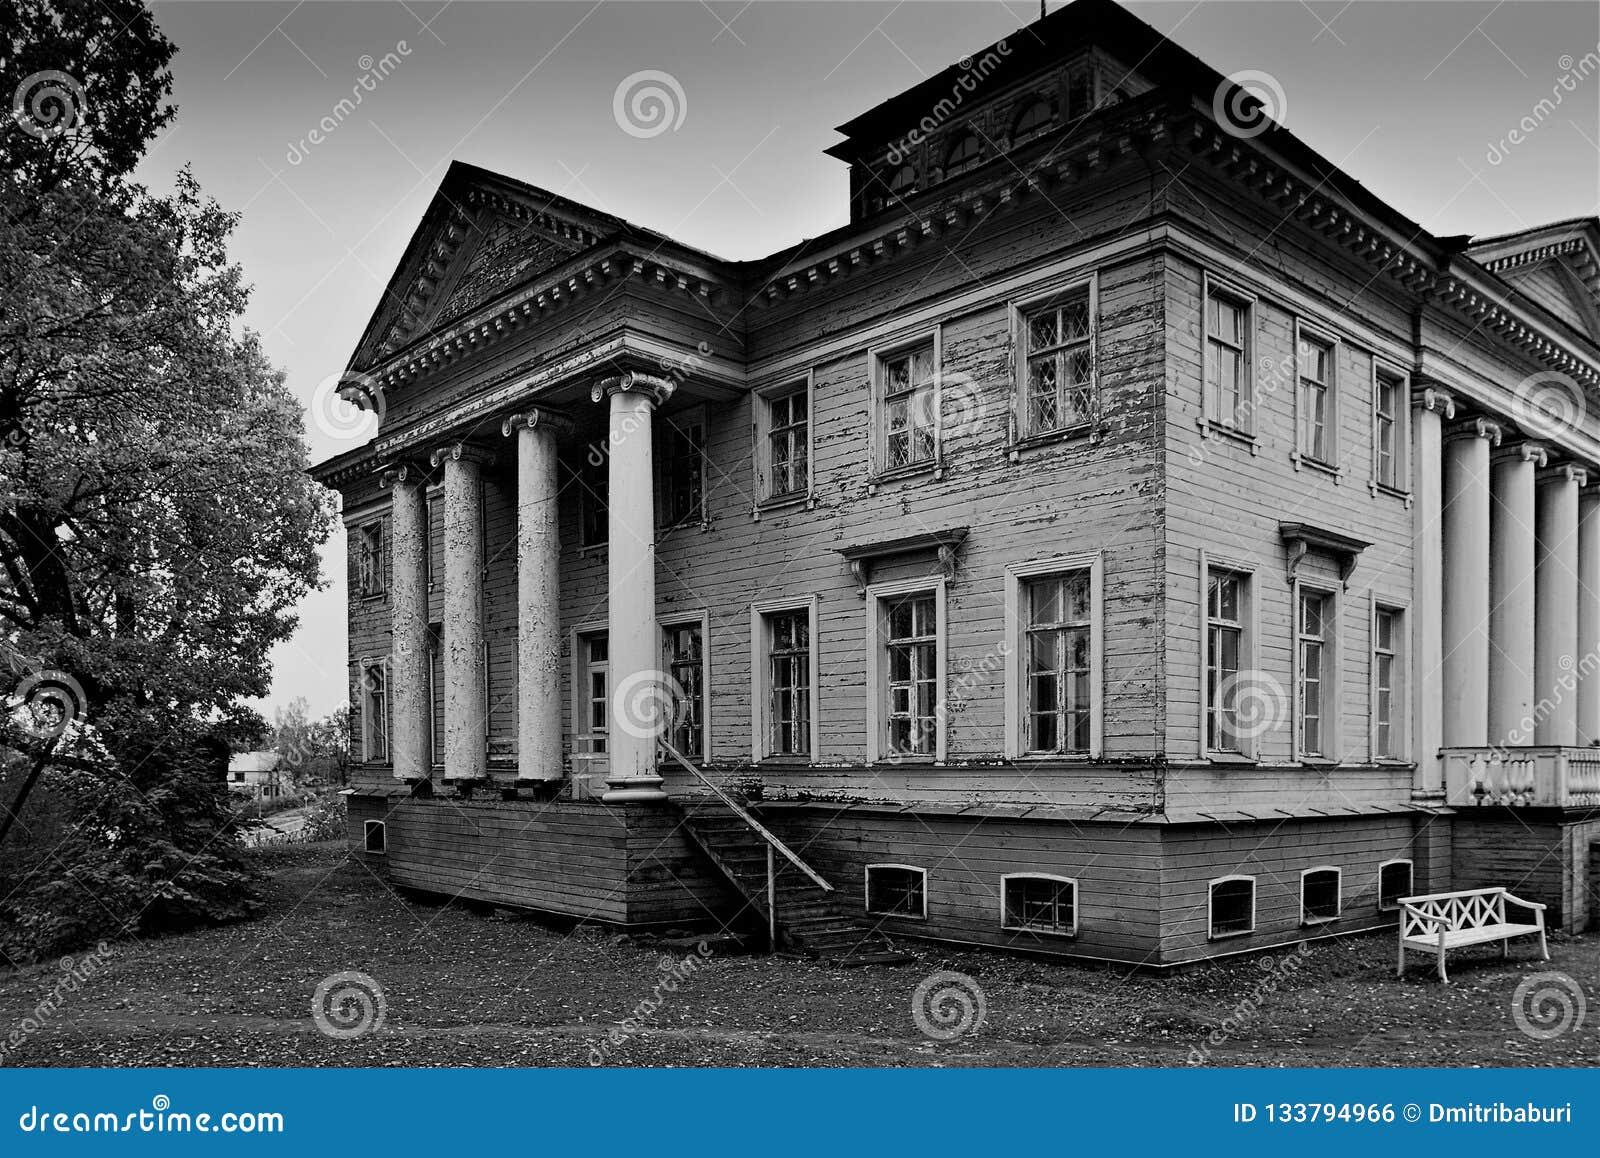 Altes Herrenhaus nahe Gatchina, in dem der berühmte Verfasser Nabokov seine Kindheit aufwendete